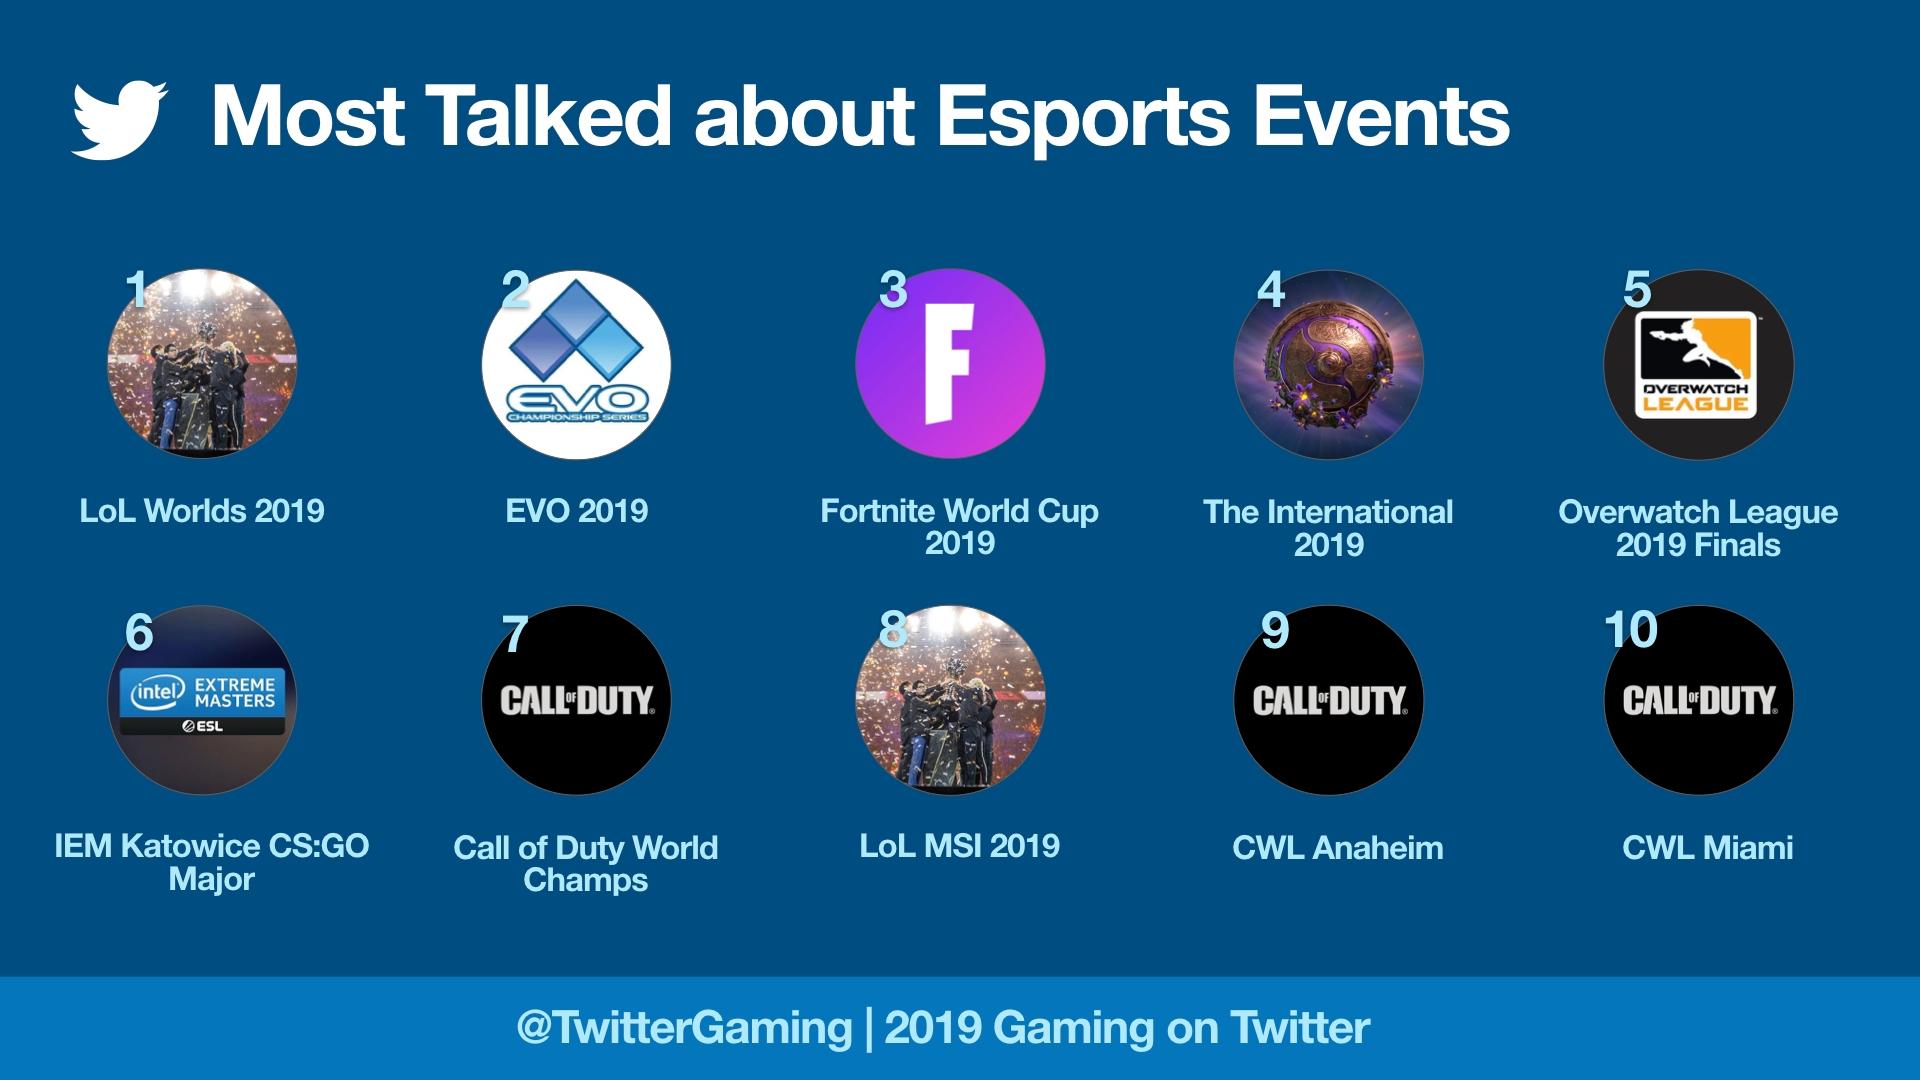 Turnamen yang paling banyak dibicarakan di Twitter